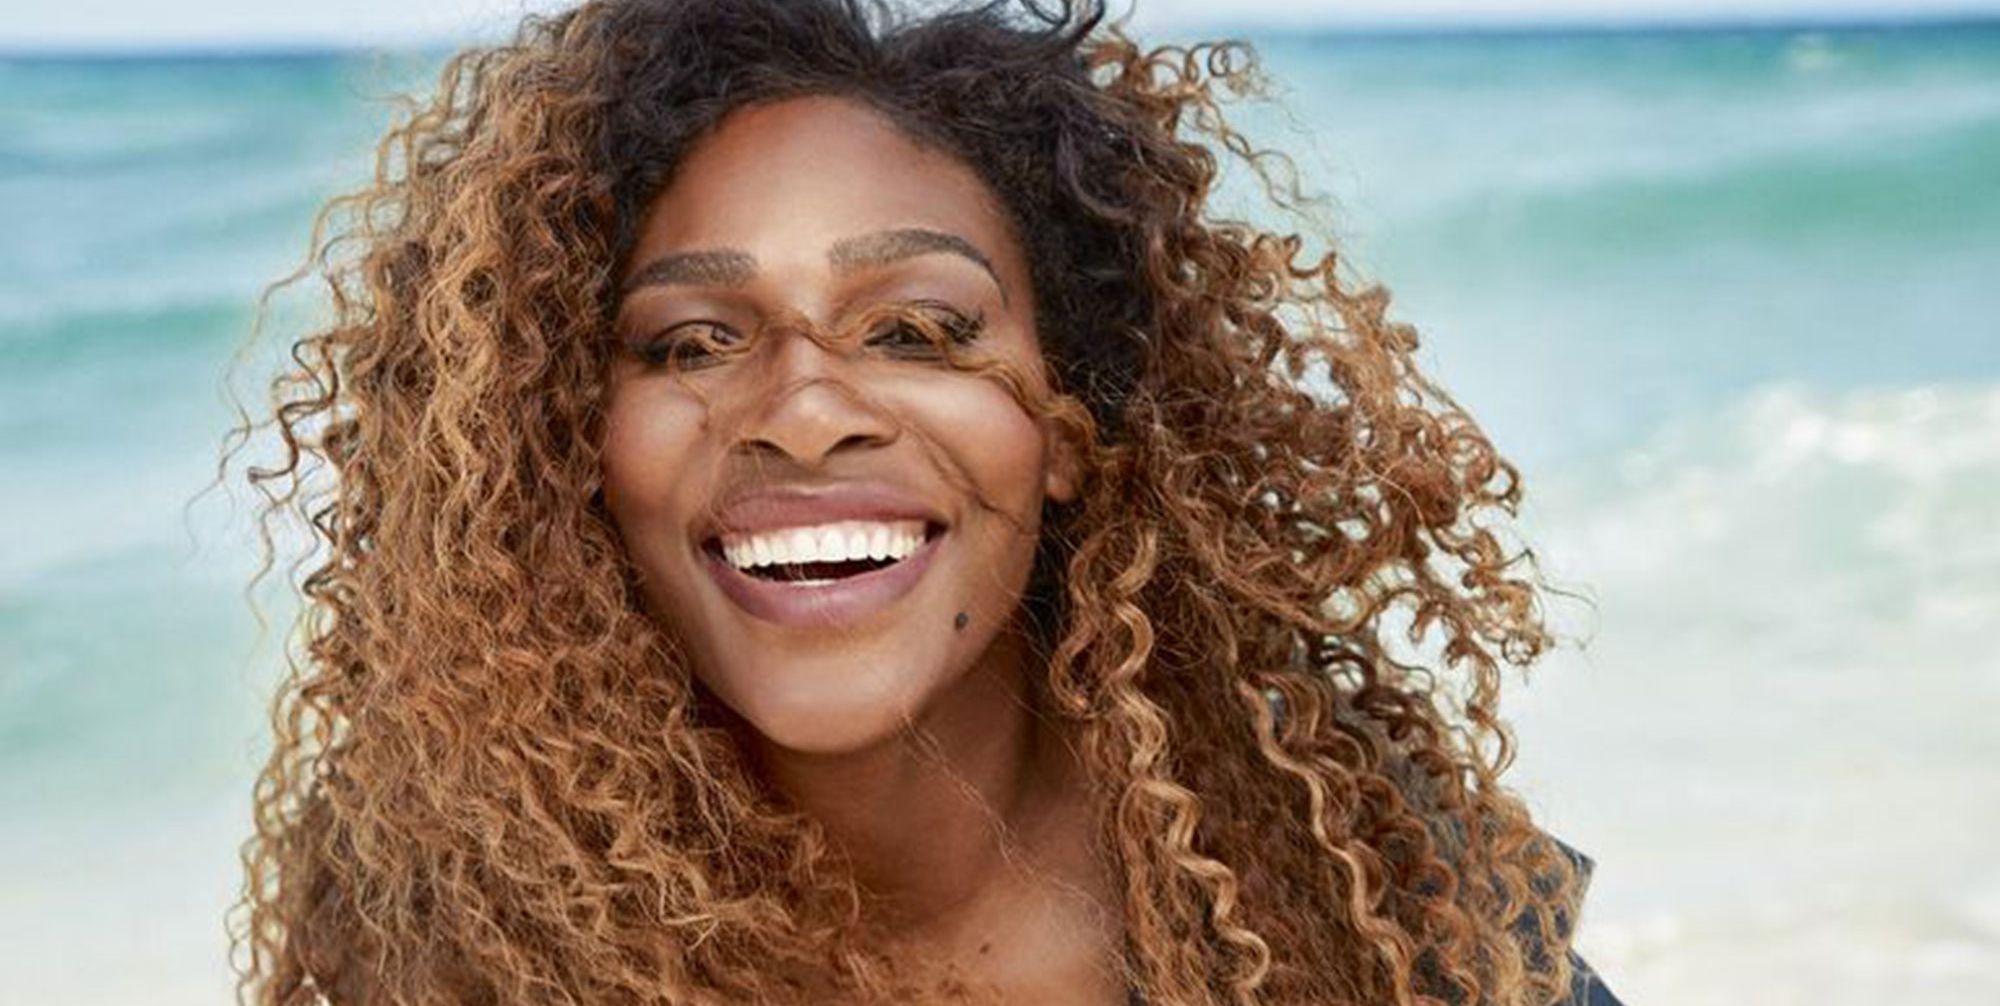 Behind the scenes video: Serena Williams for Harper's Bazaar